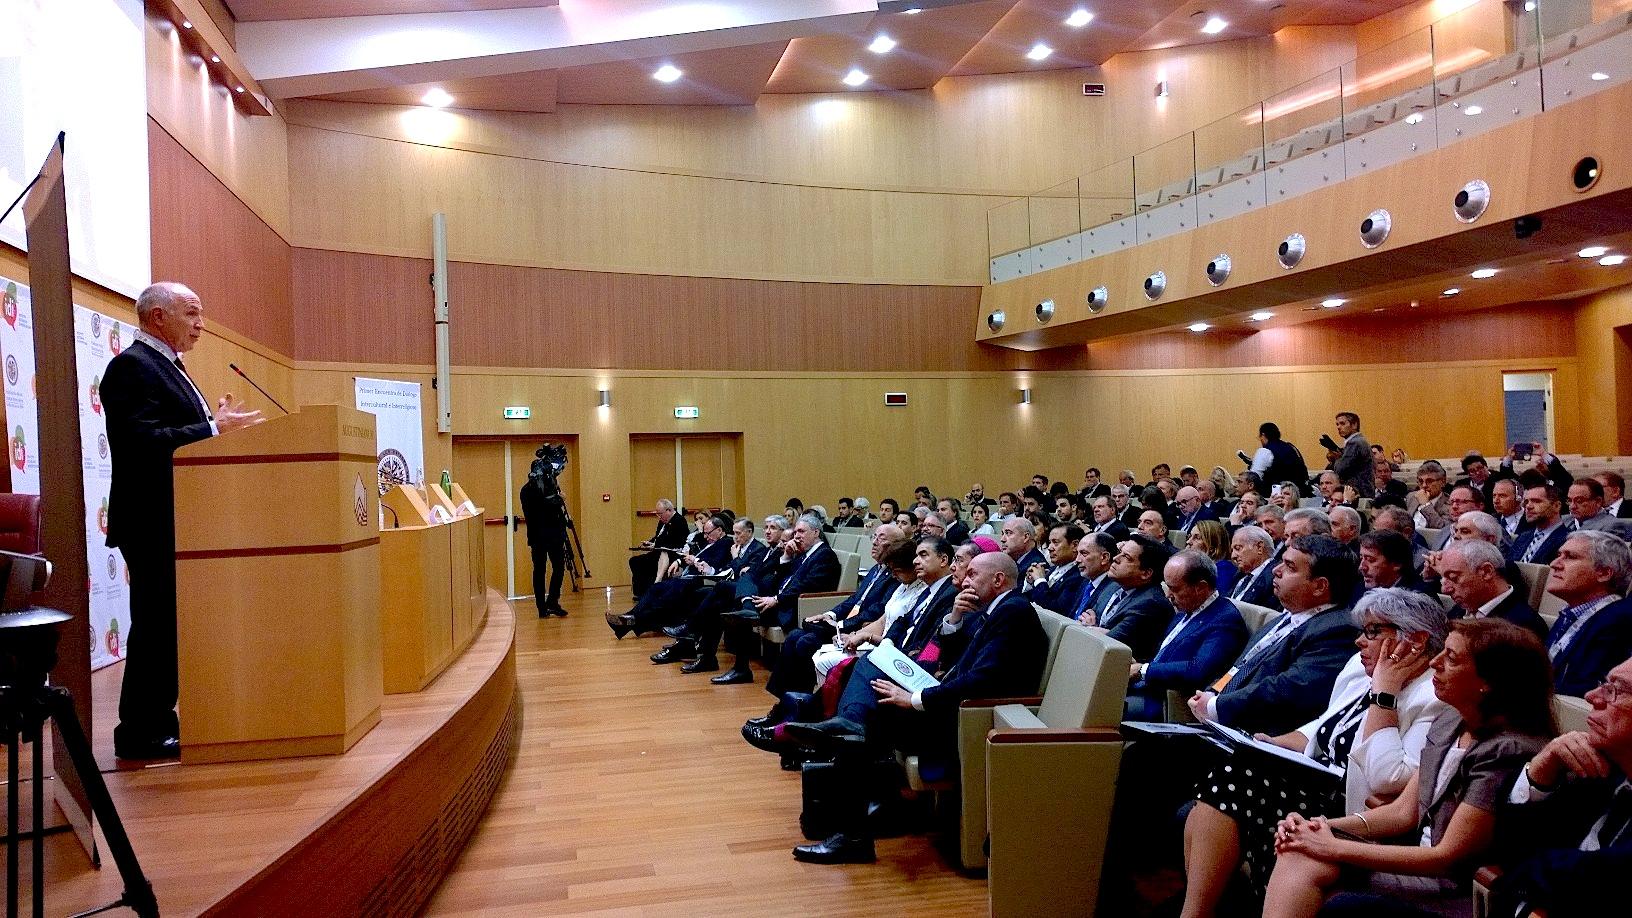 Forum de diálogo en el auditorio del Agustinianum (Foto ZENIT cc)